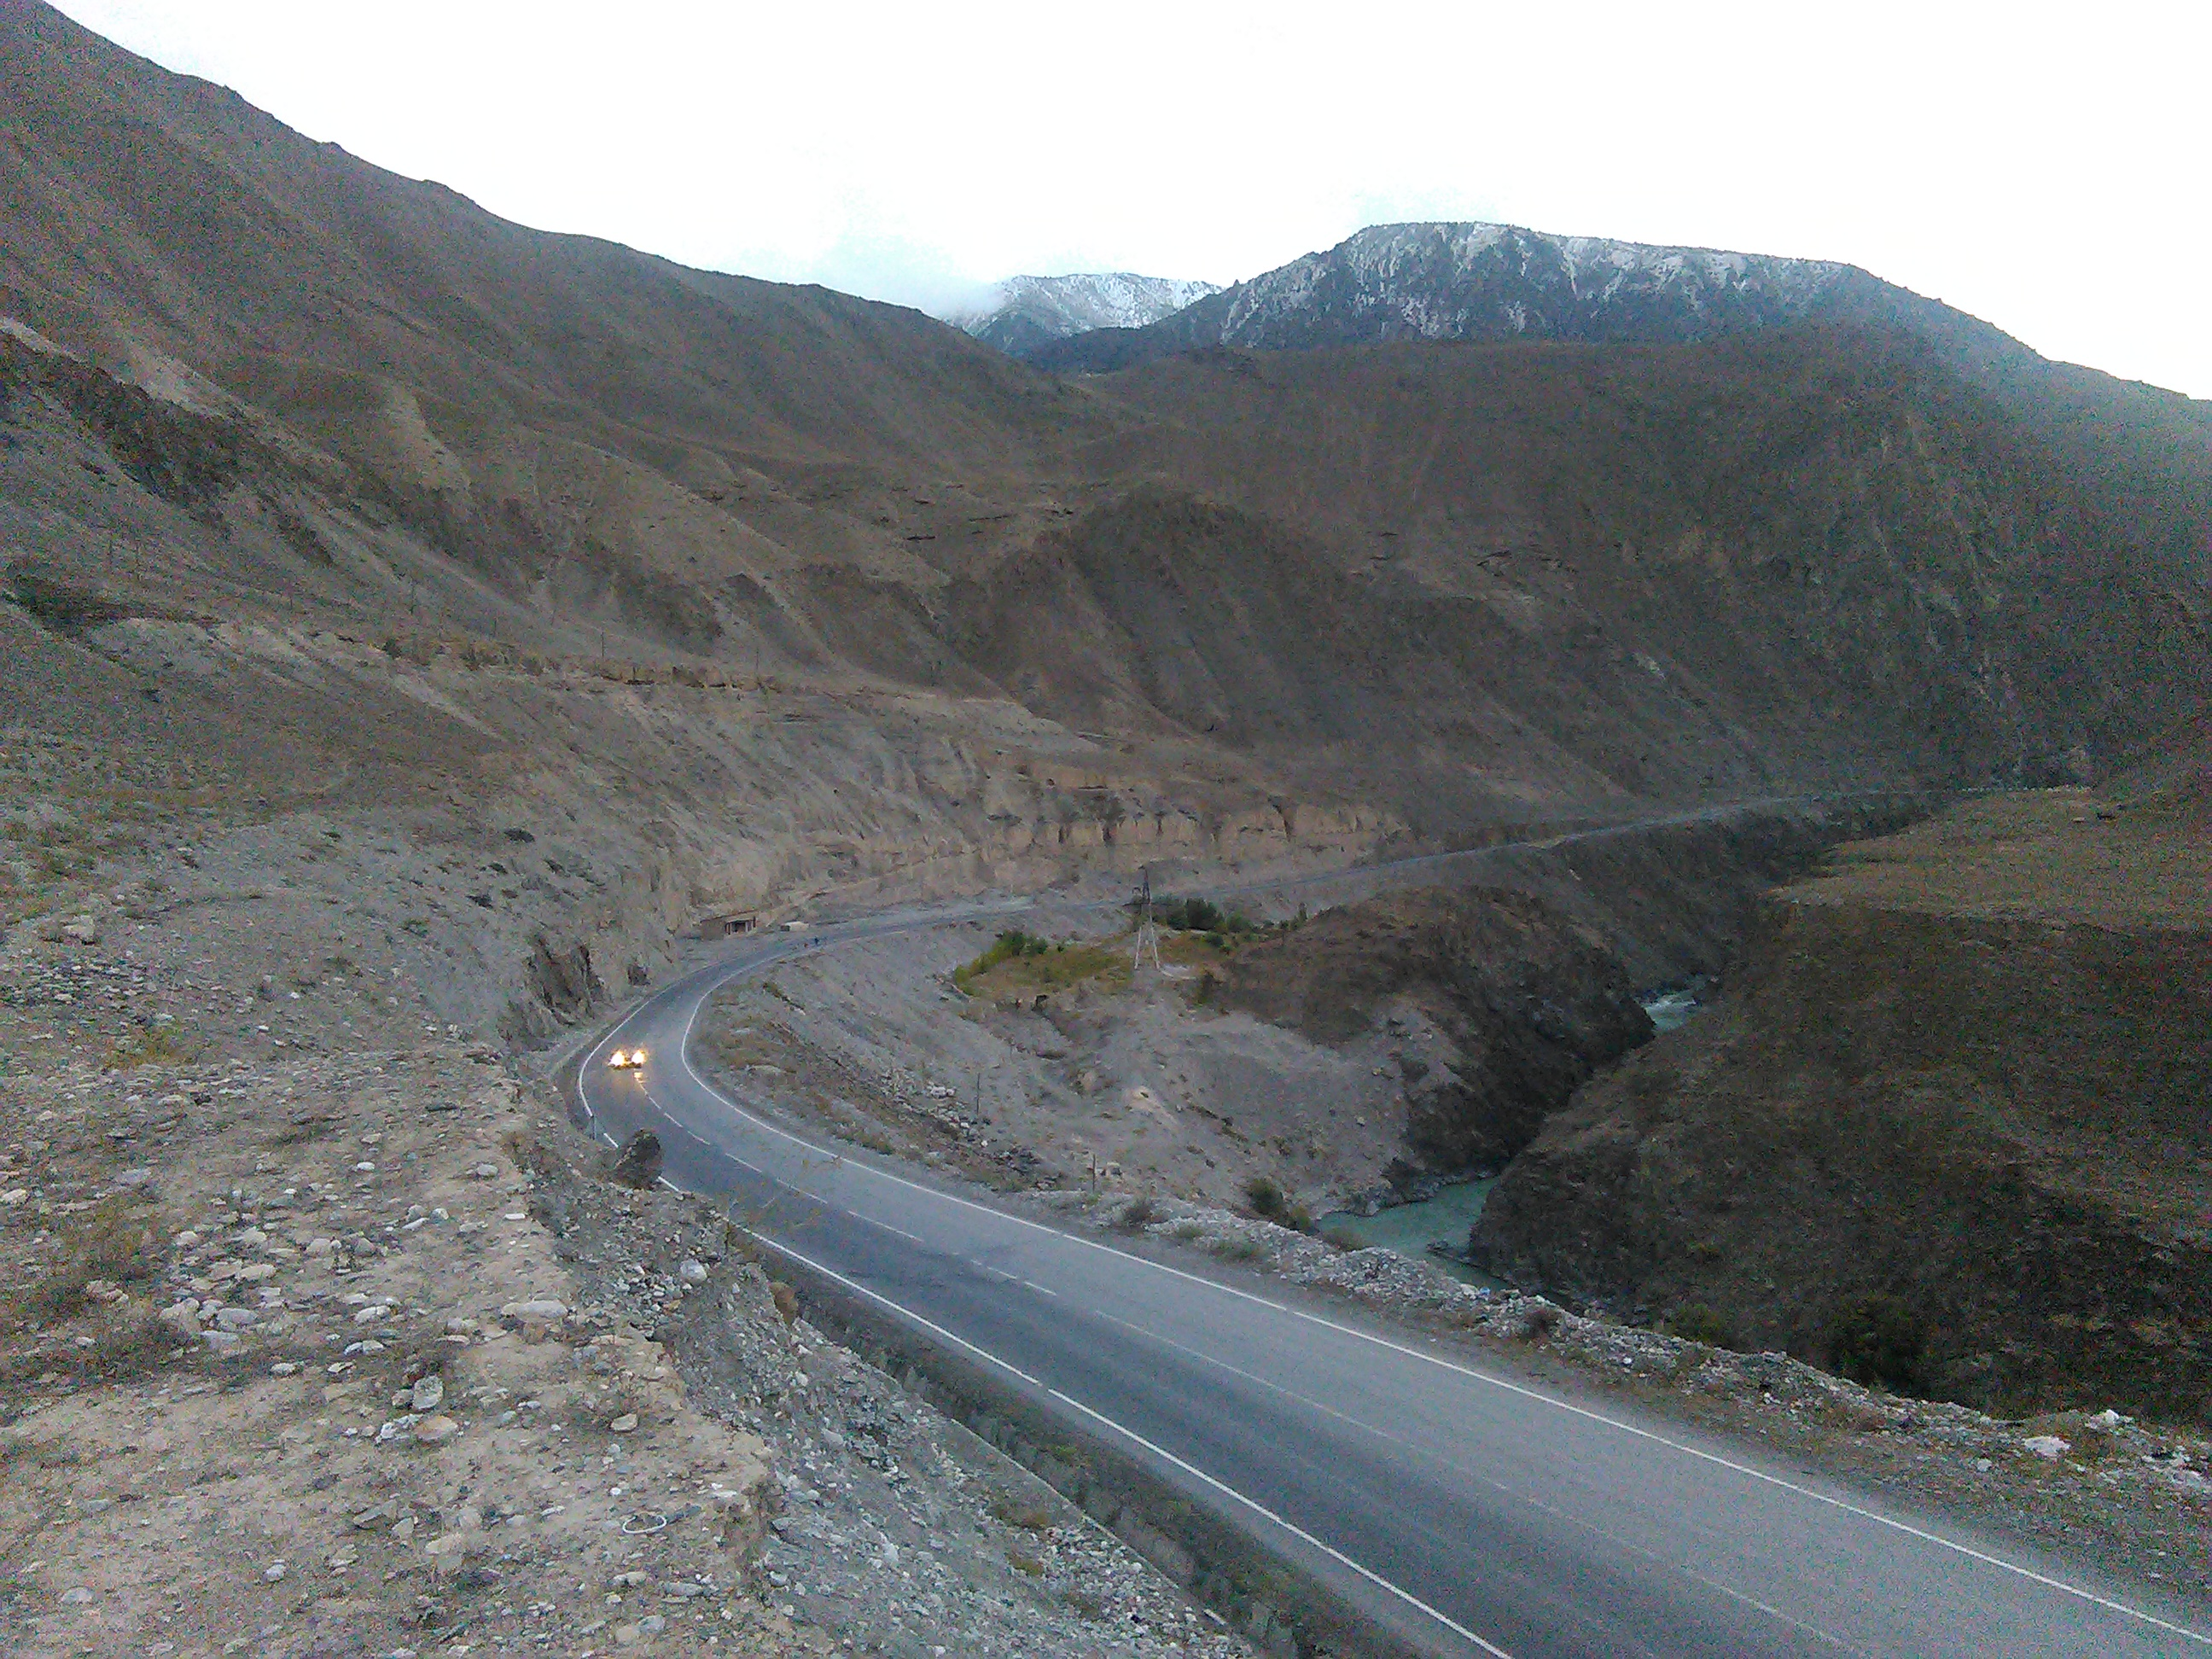 фото перевала в таджикистане может